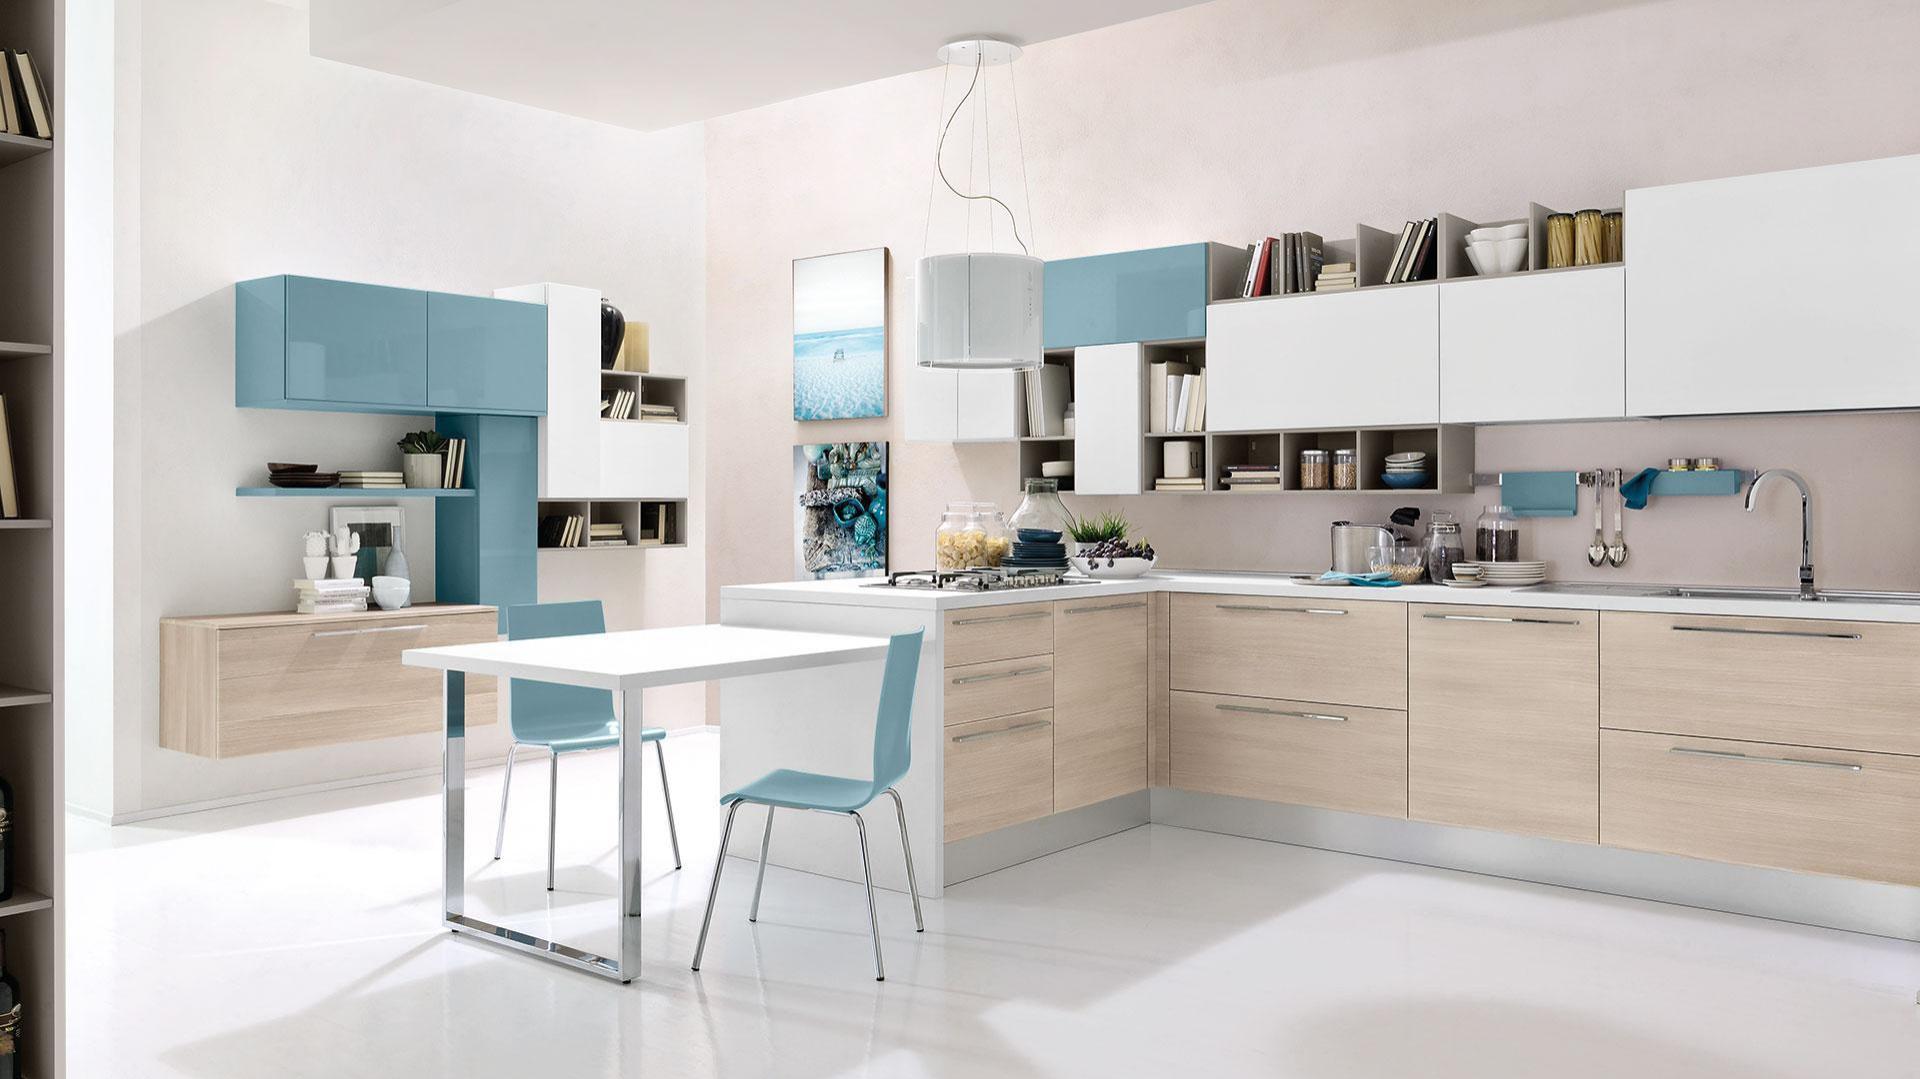 Delikatne, harmonizujące ze sobą barwy: kolor jasnego drewna, niczym niezmącona biel i błękit w wysokim połysku. Subtelne kolory mebli i asymetryczne kształty czynią z tej kuchni kobiecą, nowoczesną aranżację, a półwysep przedłużony o blat, pełniący funkcję stołu jest funkcjonalnym dodatkiem. Fot. Cucine Lube, model Swing.